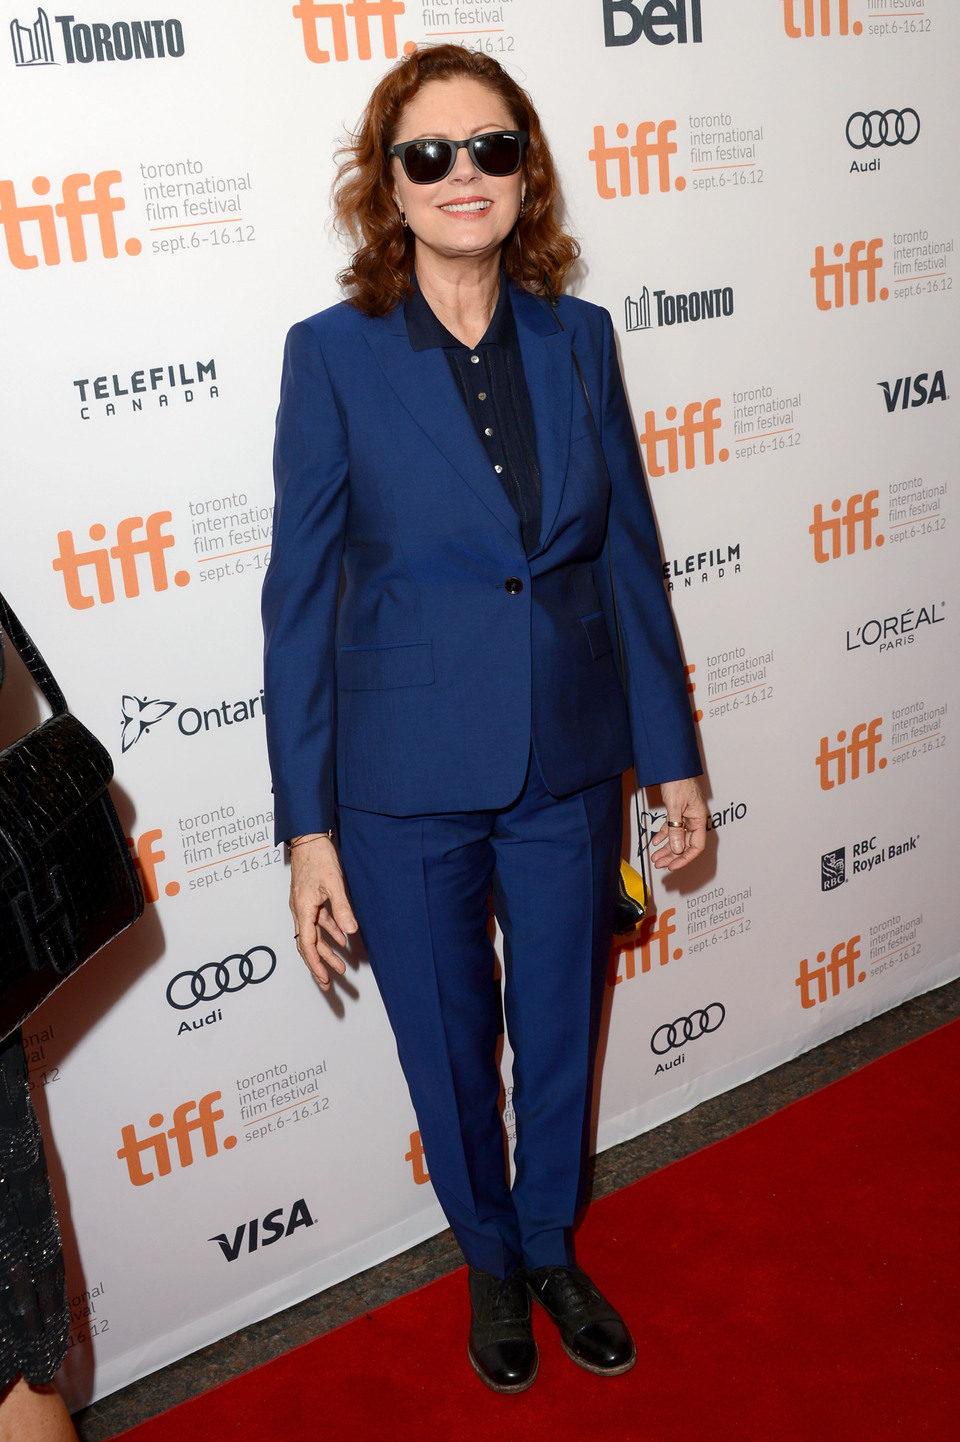 Susan Sarandon en el TIFF 2012